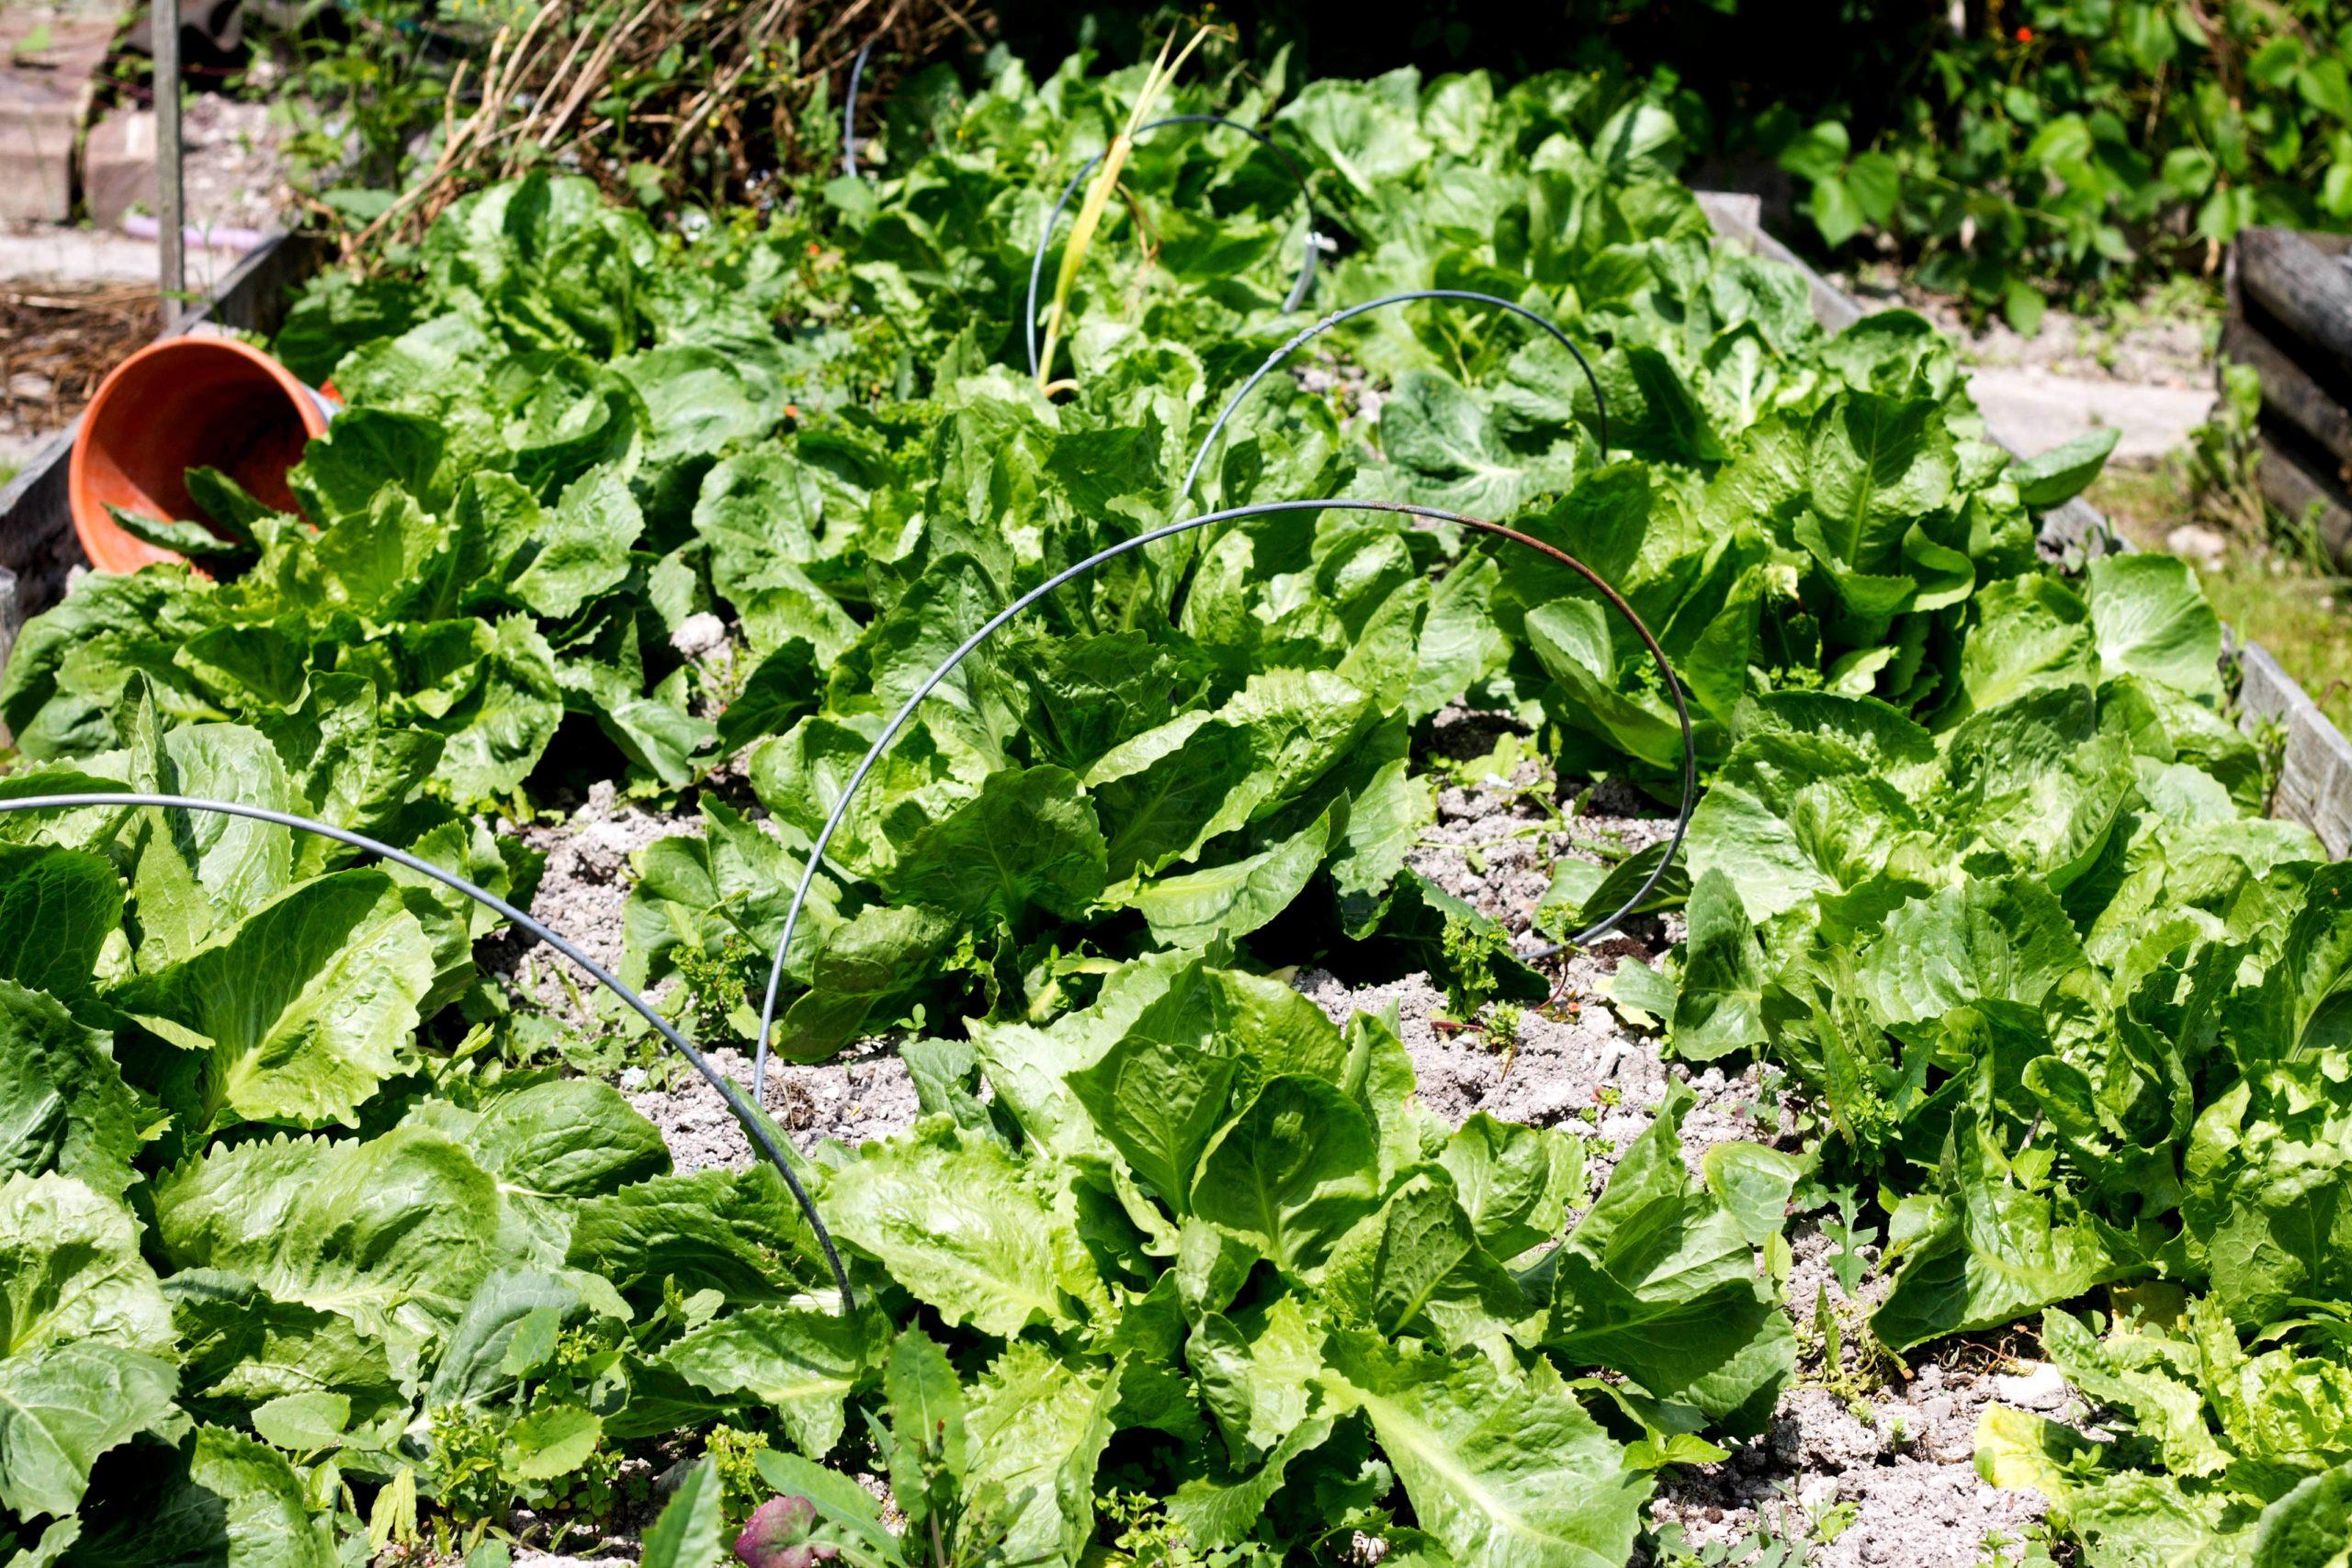 escarole growing in a garden